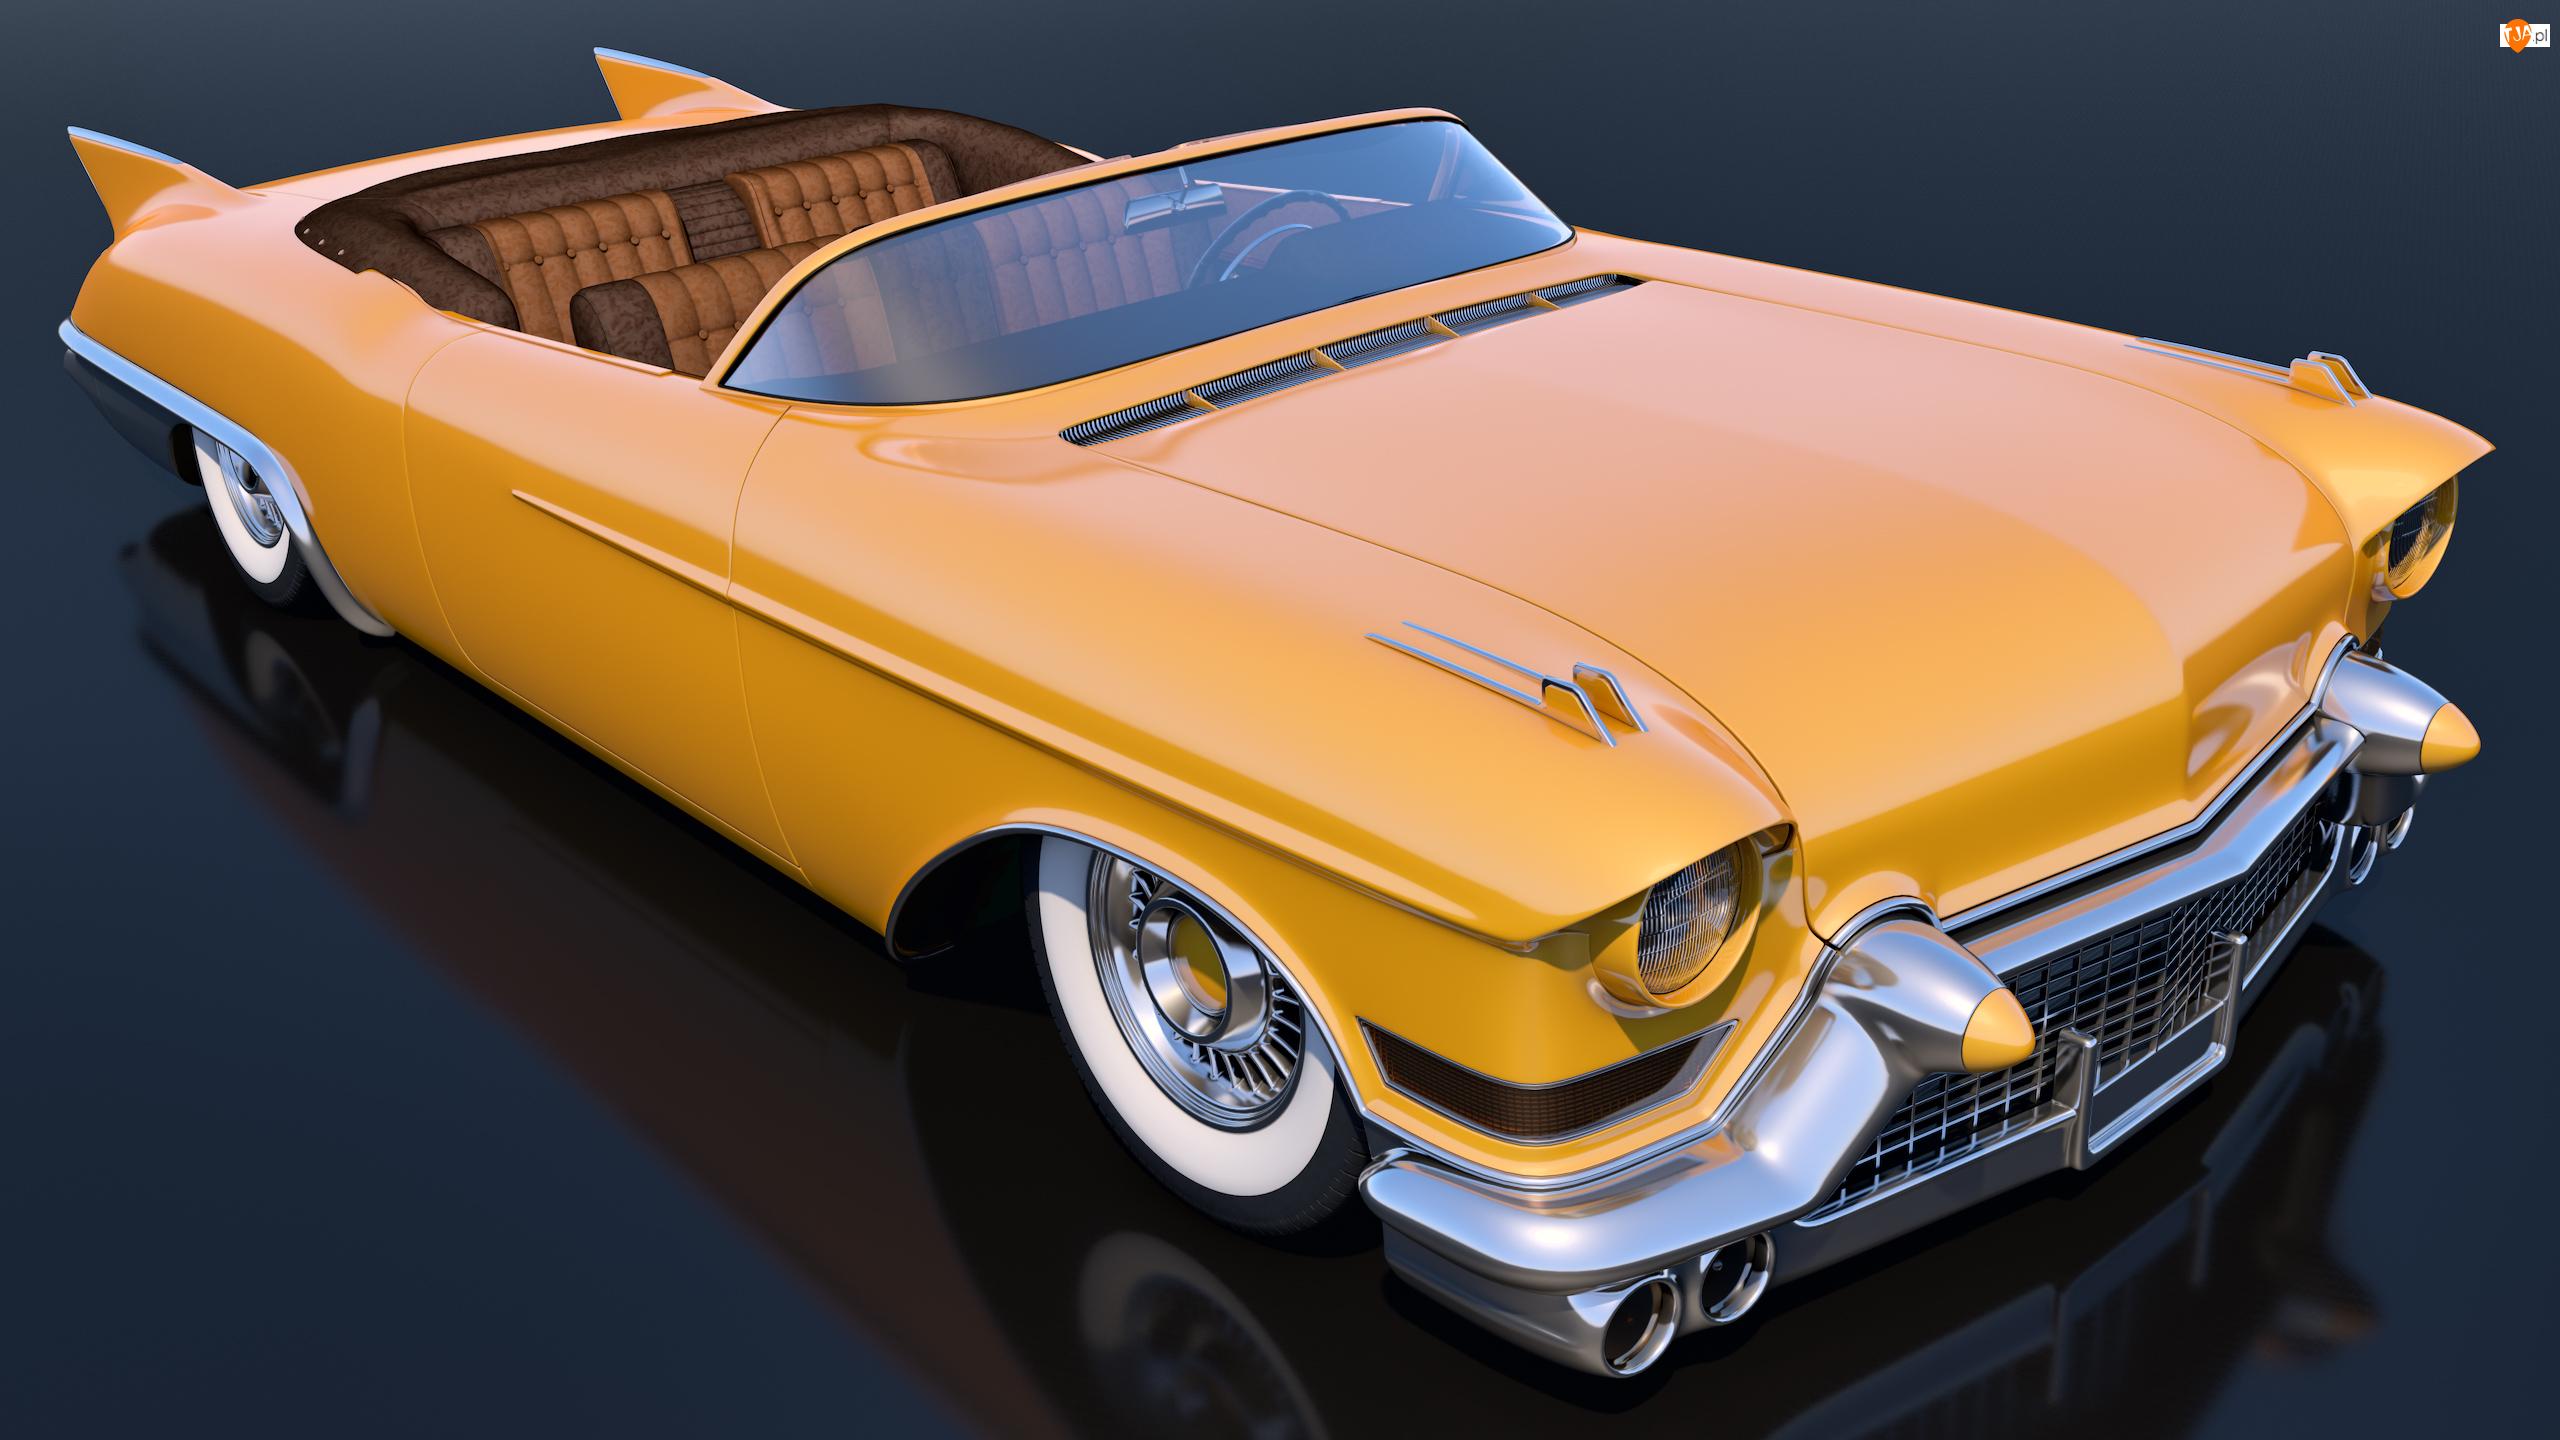 Zabytkowy, 1957, Żółty, Cadillac Eldorado Convertible